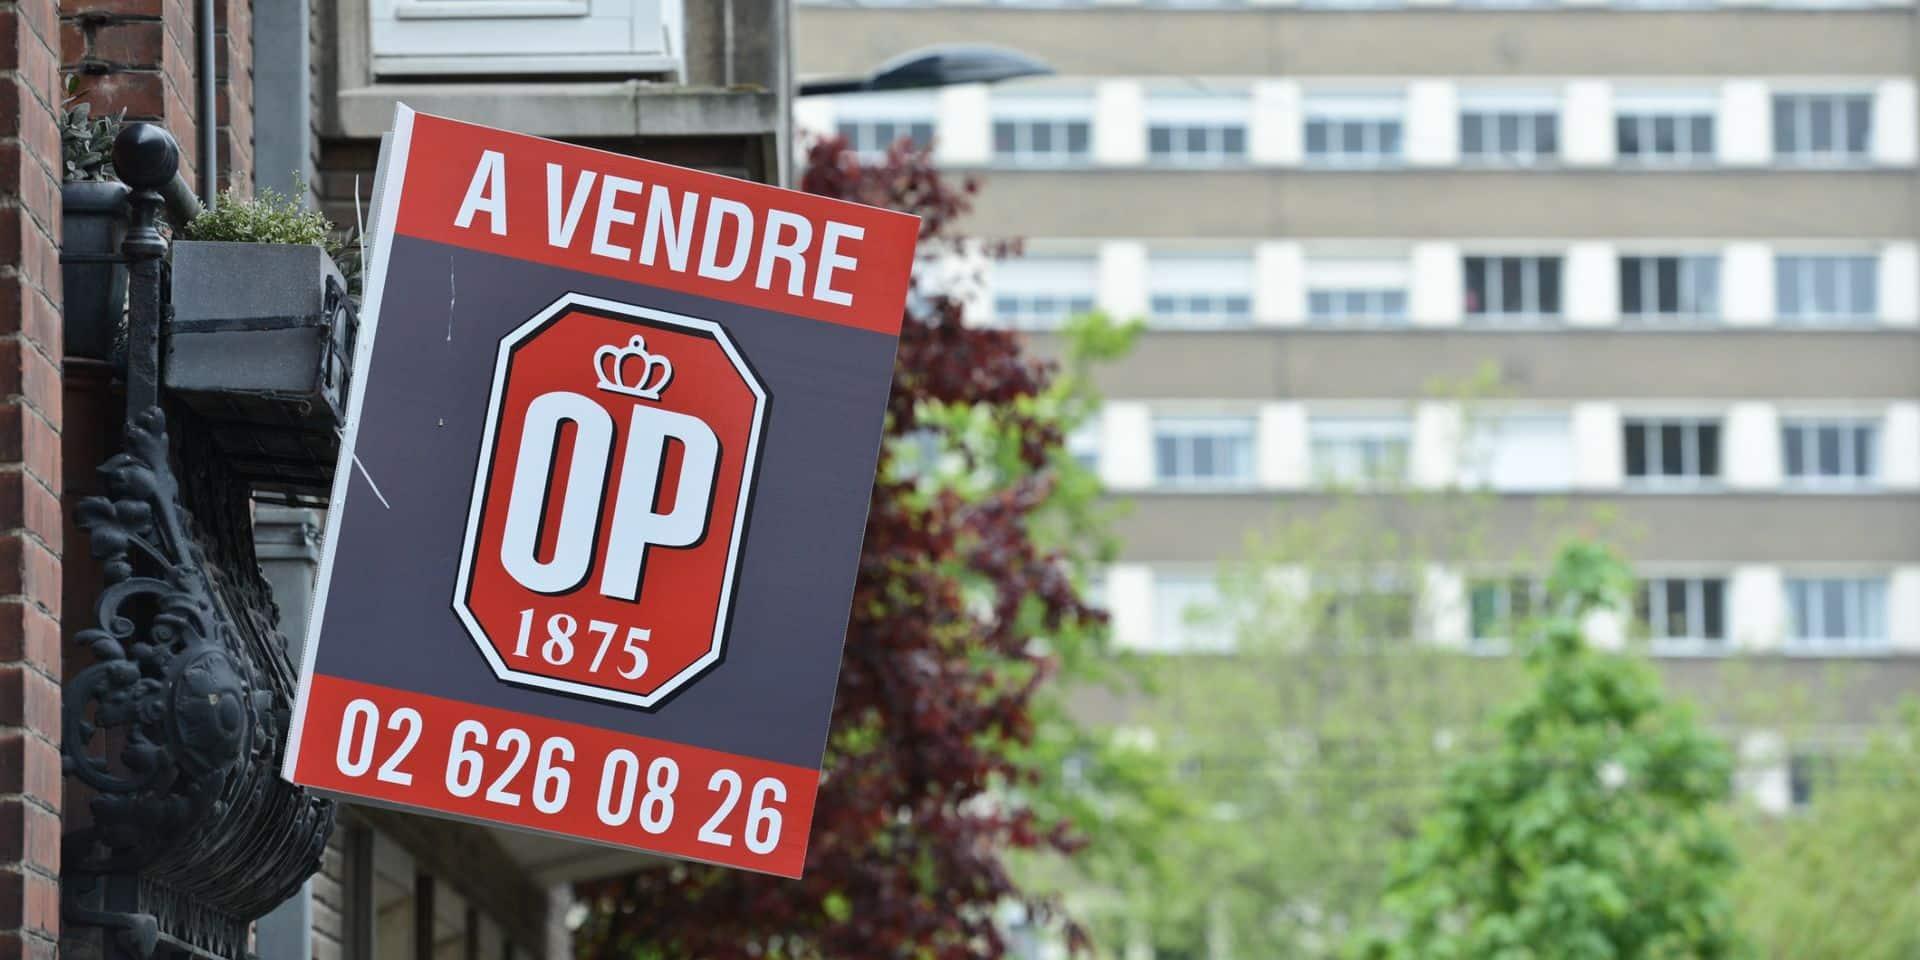 Le prix de l'immobilier à Bruxelles, commune par commune (INFOGRAPHIE)